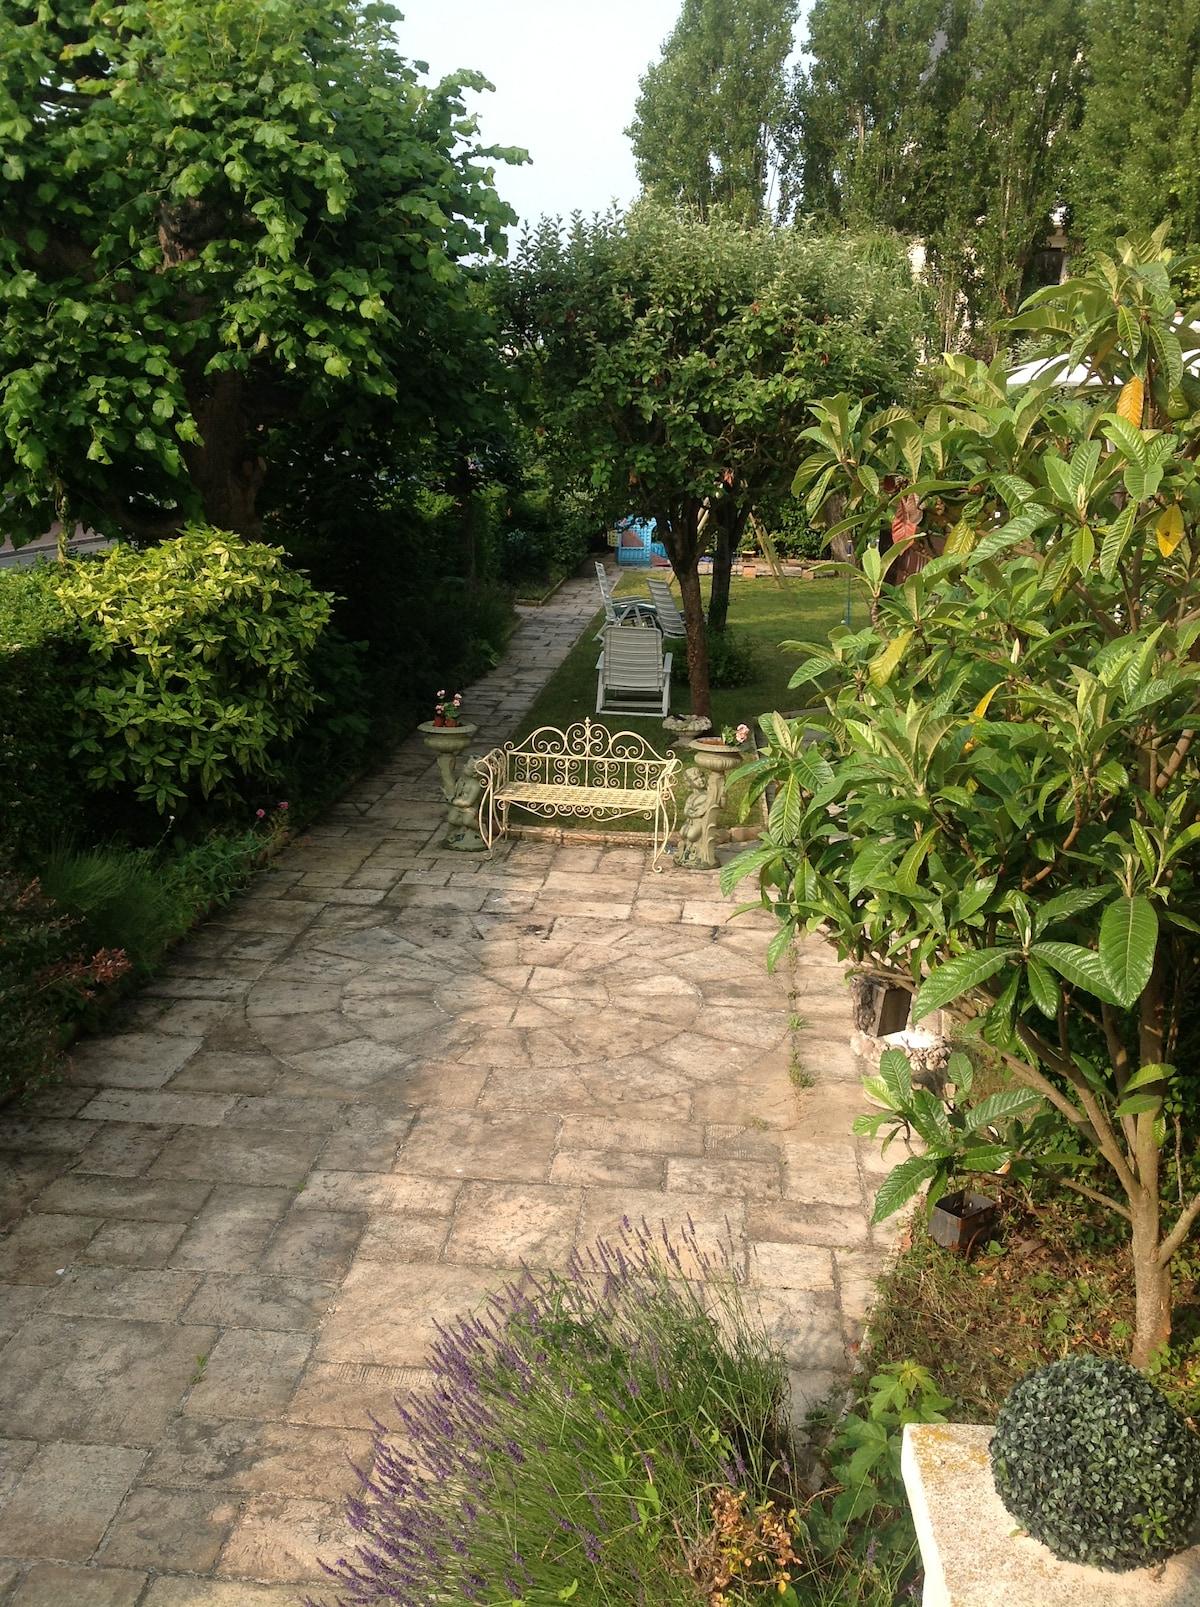 Très belle demeure ancienneavec jardin dans le centre ville historique de Deauville